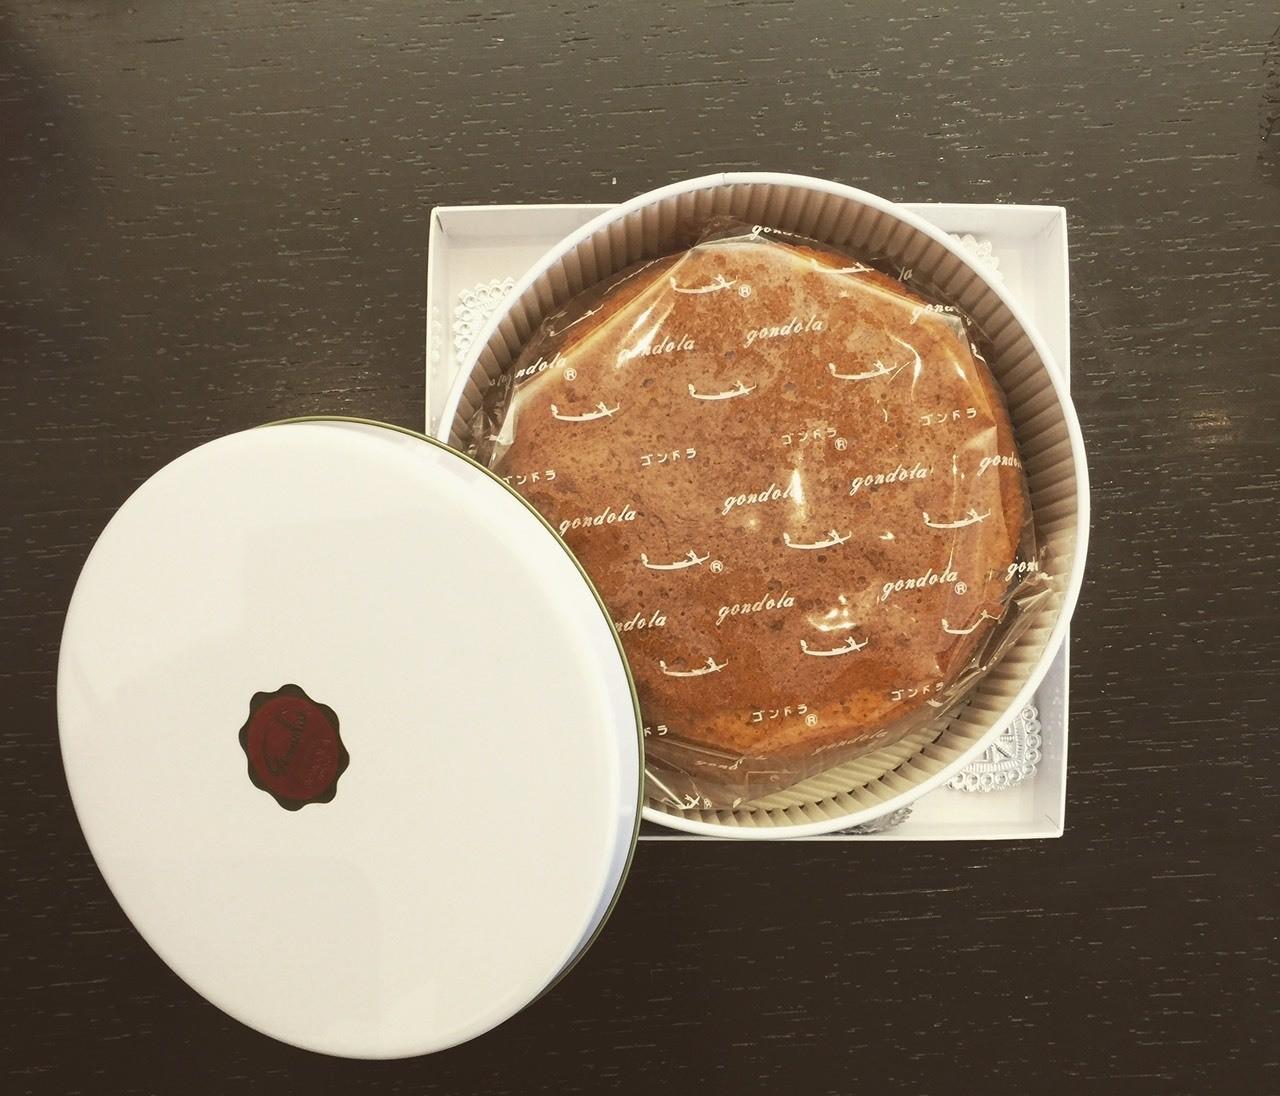 必ず喜ばれる手土産といえばこれ!「ゴンドラ」のパウンドケーキ